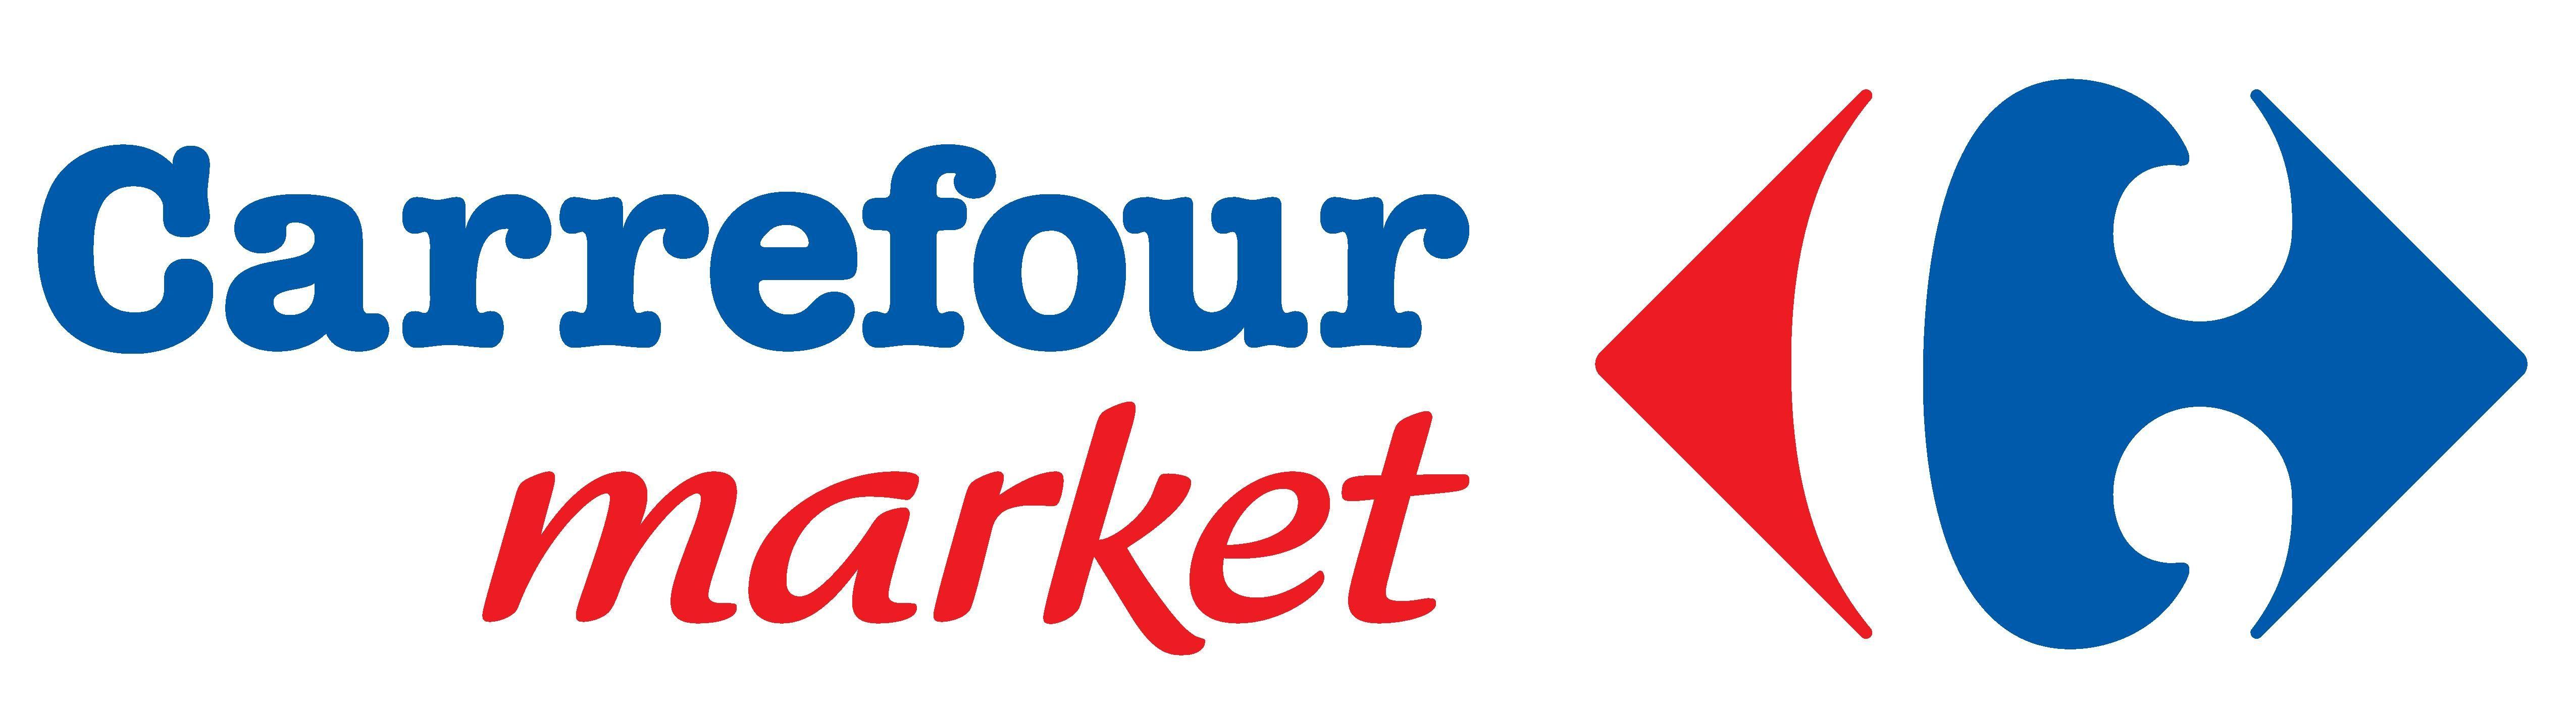 86878b72fda121d8922a8c6e38c1e8ab Meilleur De De Salon Jardin Carrefour Conception